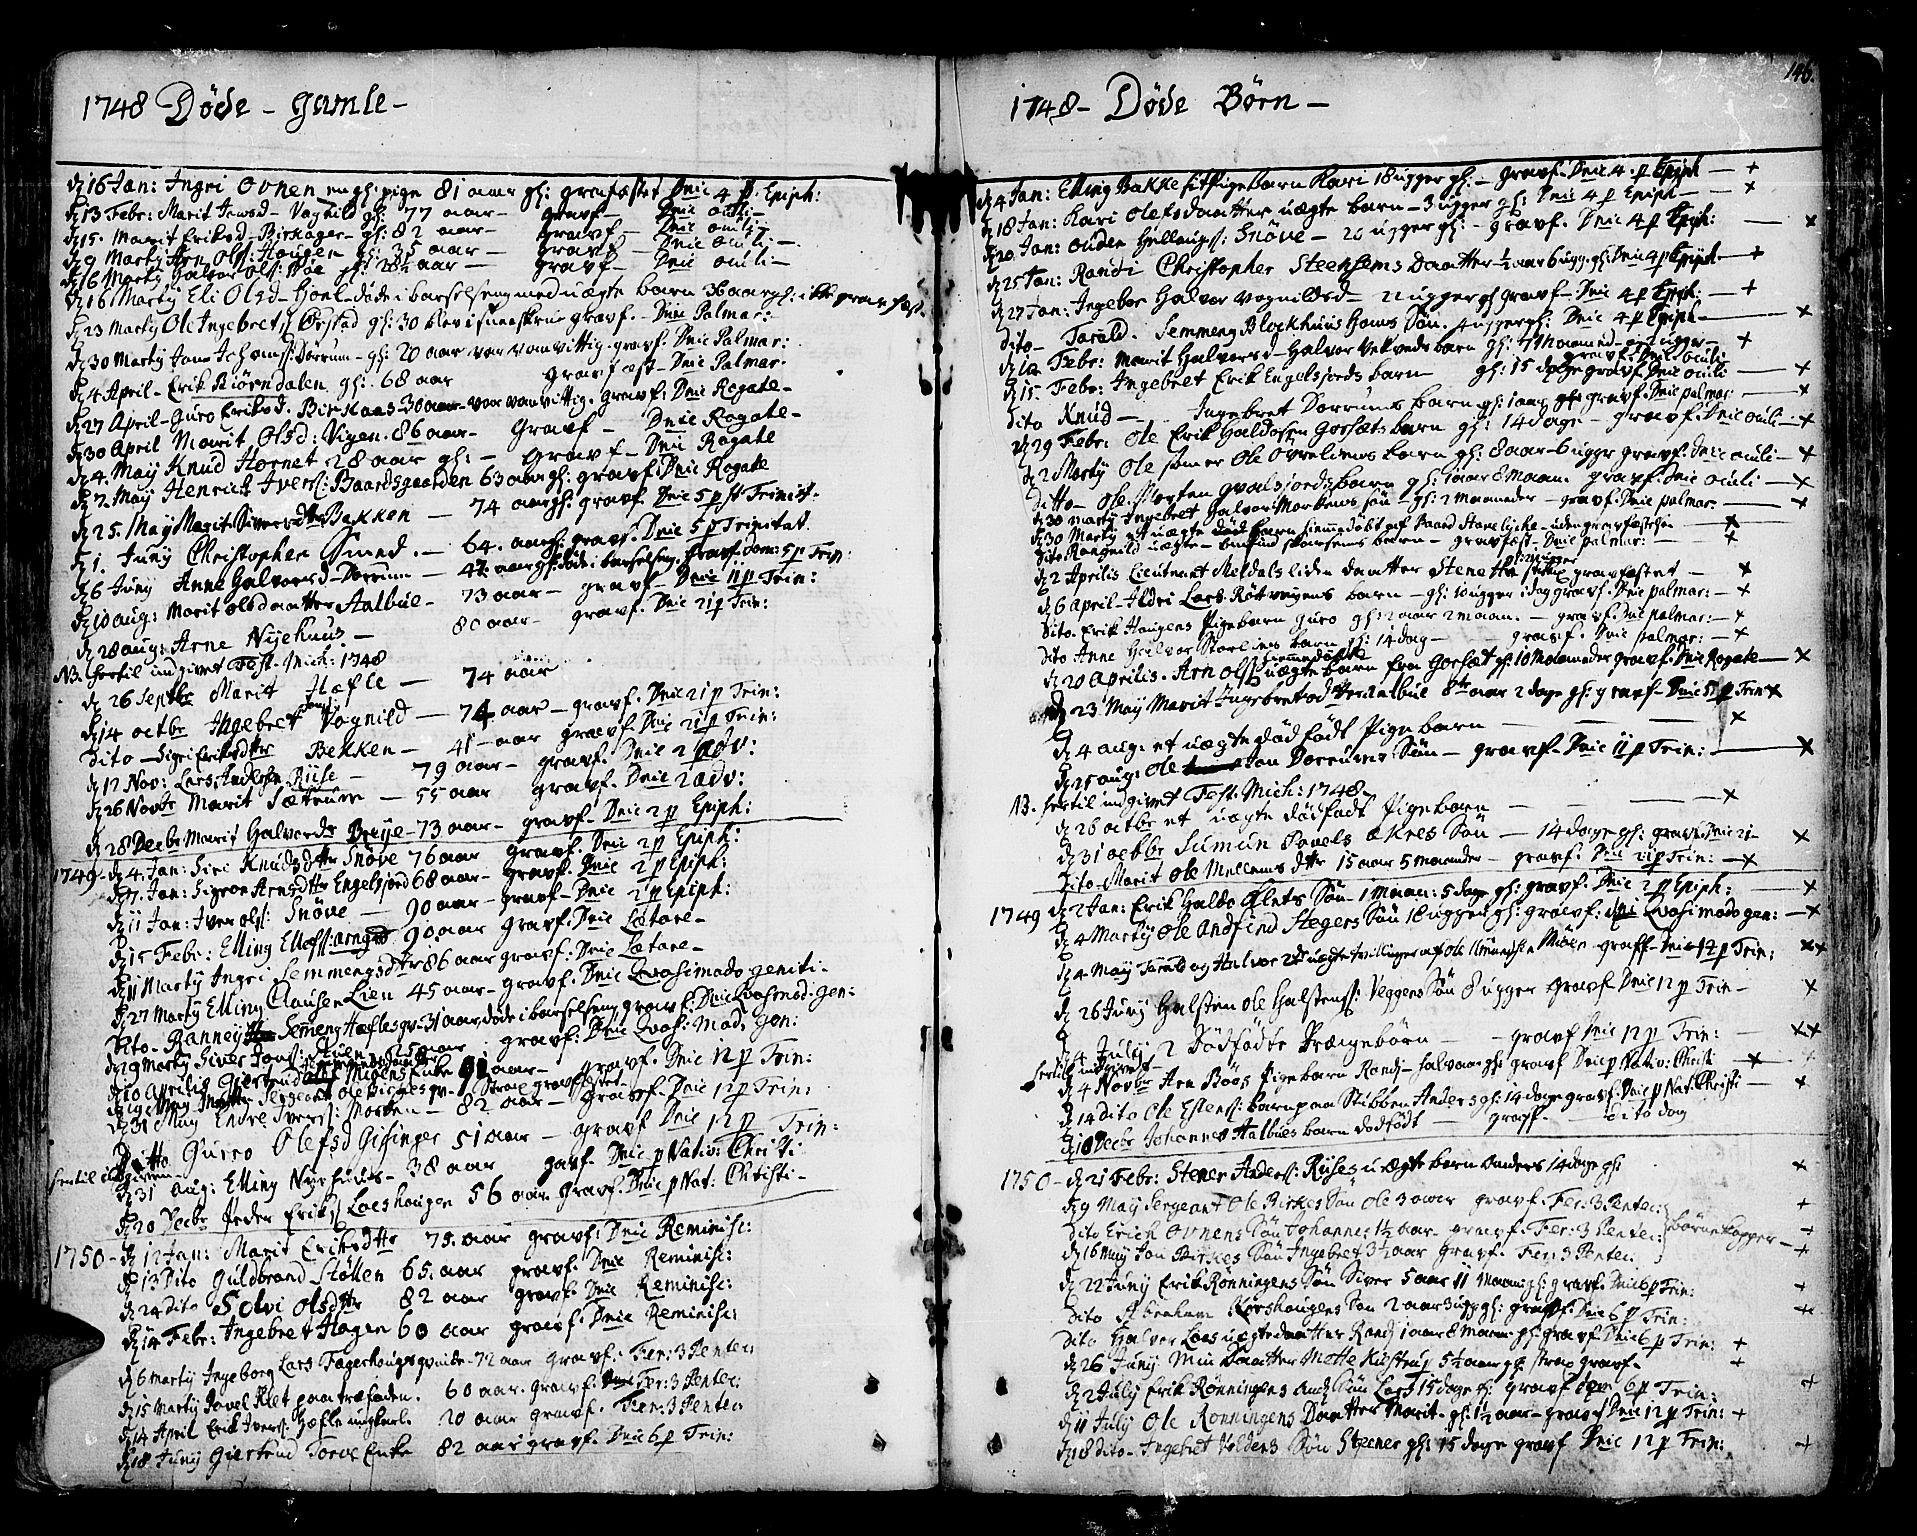 SAT, Ministerialprotokoller, klokkerbøker og fødselsregistre - Sør-Trøndelag, 678/L0891: Ministerialbok nr. 678A01, 1739-1780, s. 146